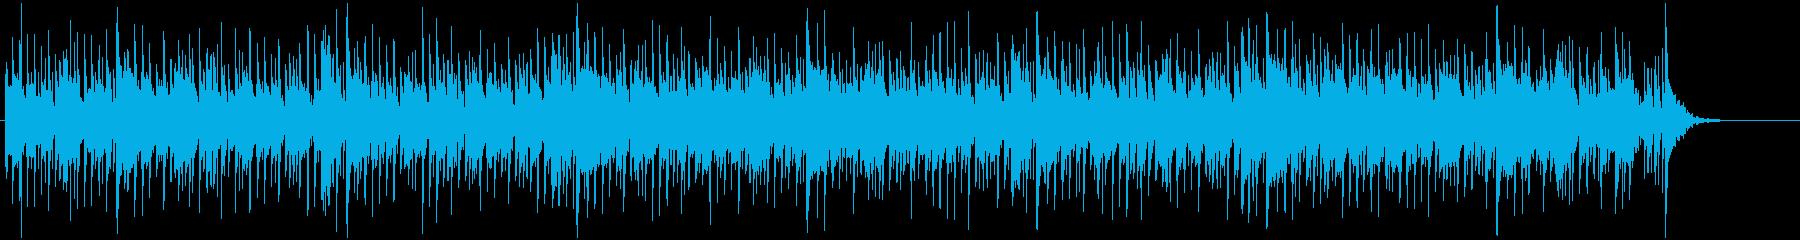 ドラムがアクセントの現代的なミュージックの再生済みの波形